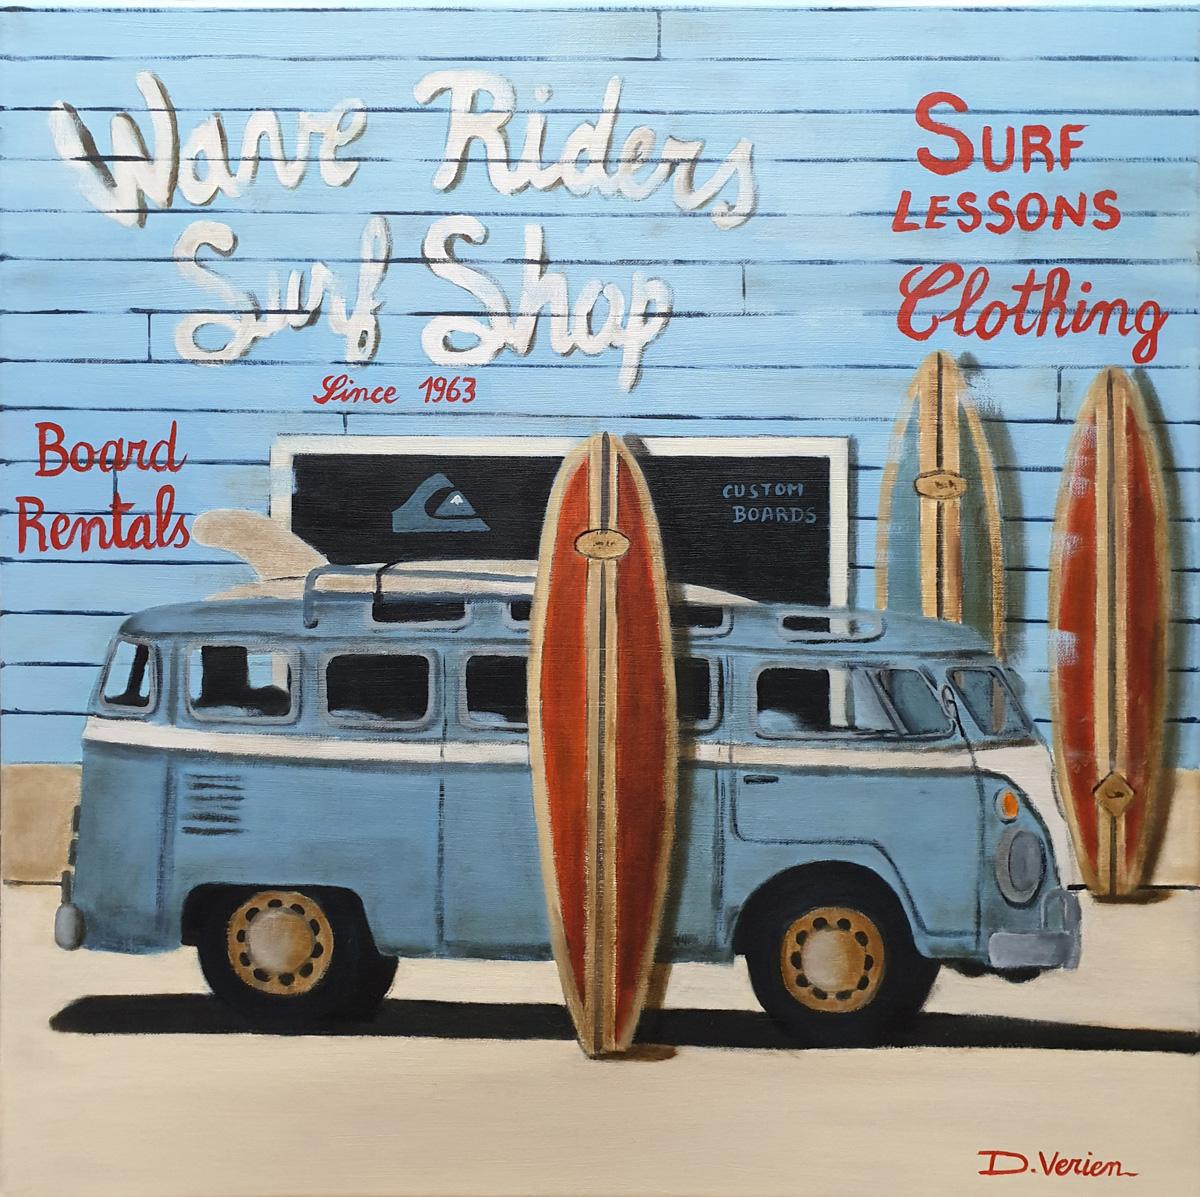 Combi Volkswagen 1963 Surf